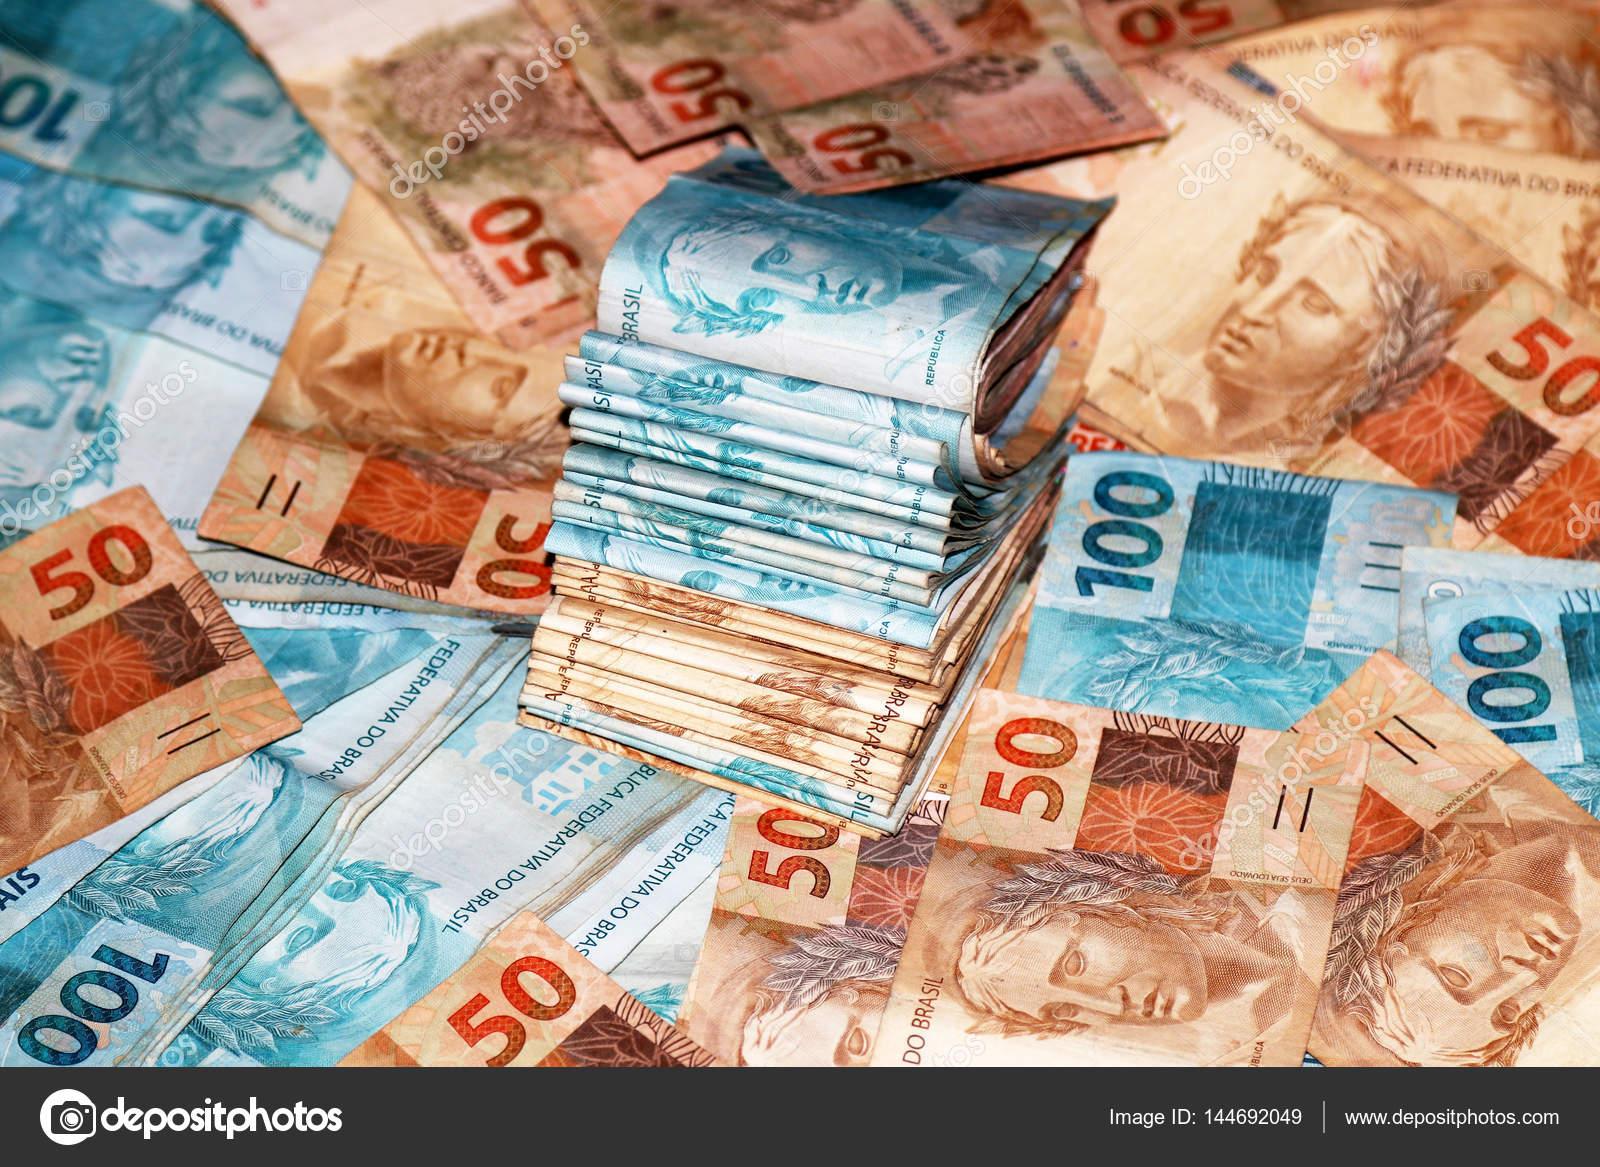 100 reais to euros